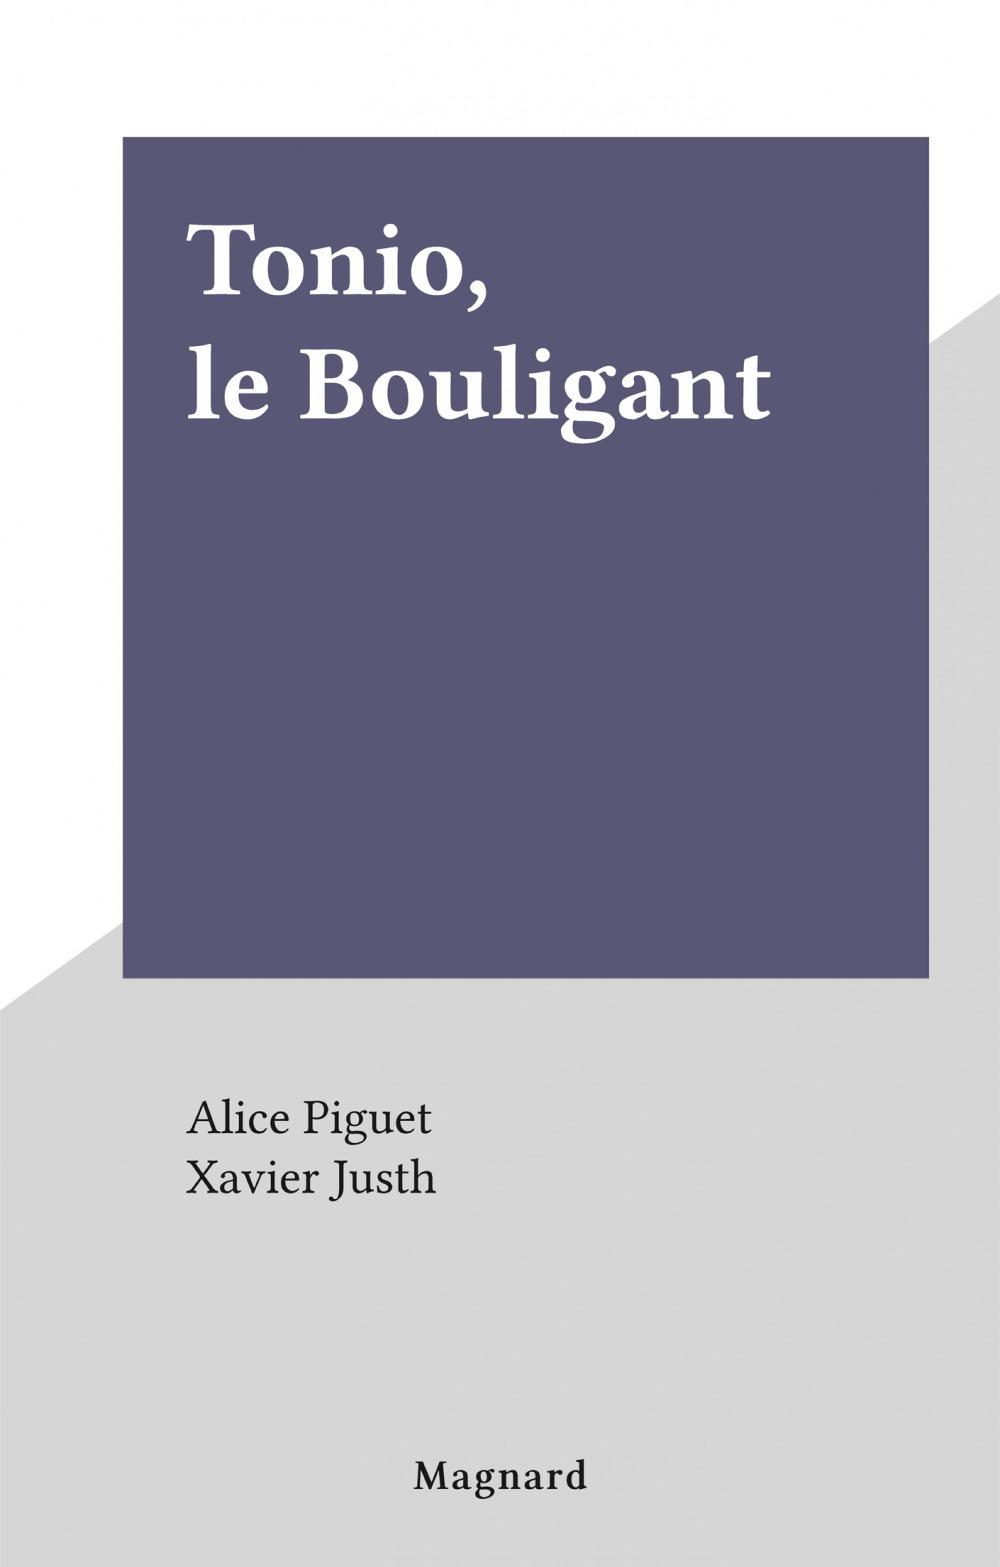 Tonio, le Bouligant